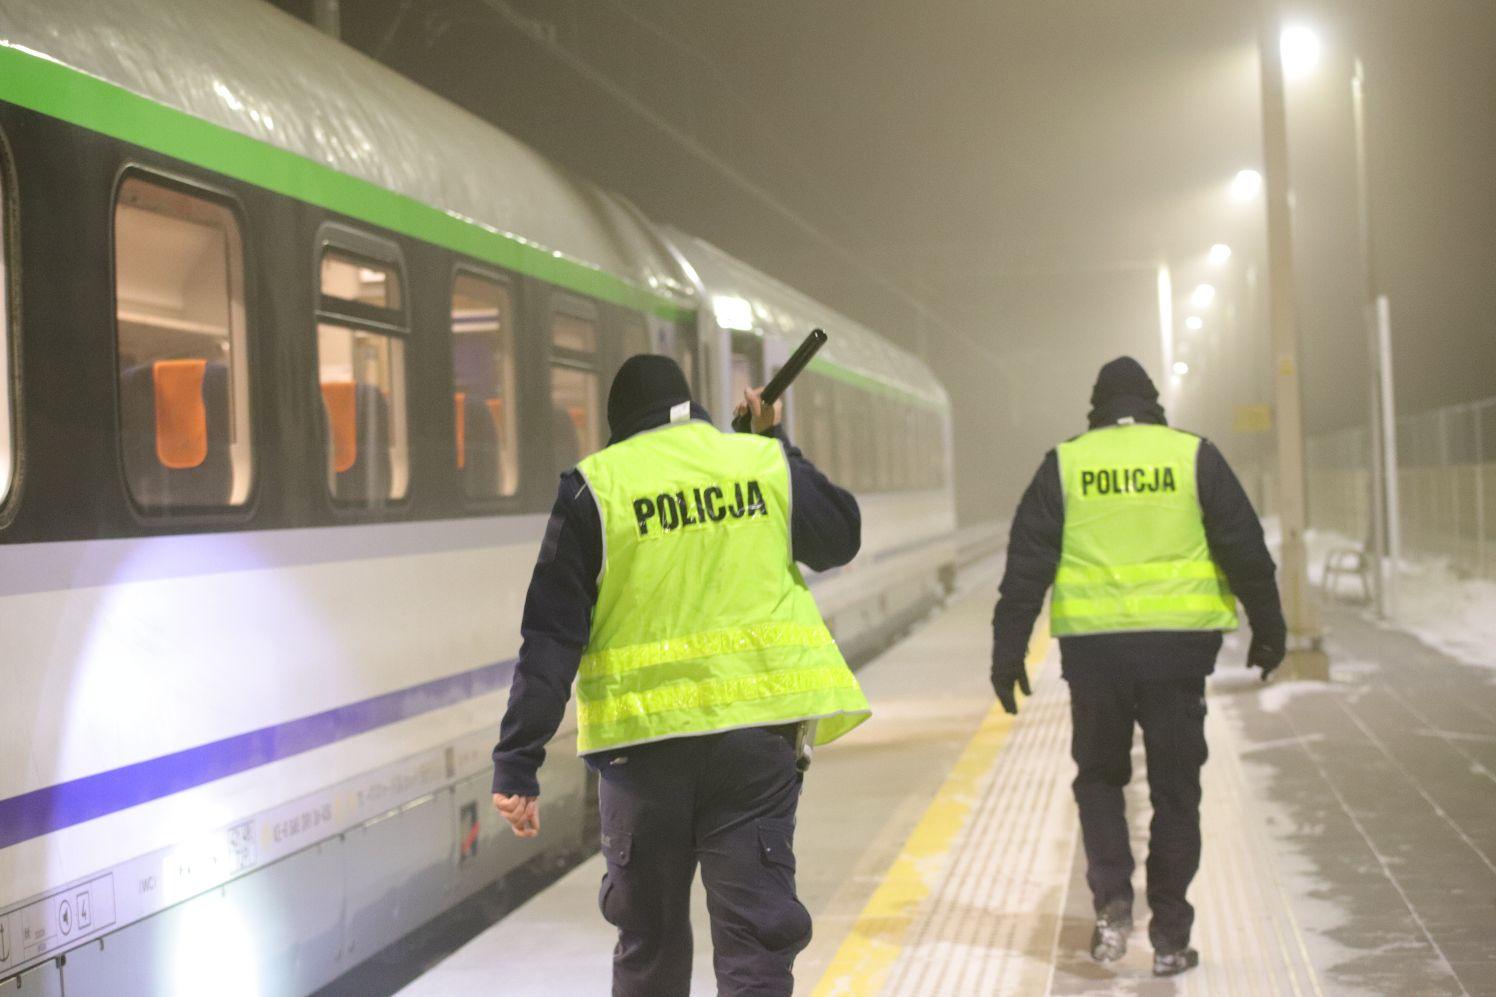 [FOTO] Śmierć na torach. Pociąg potrącił mężczyznę - Zdjęcie główne